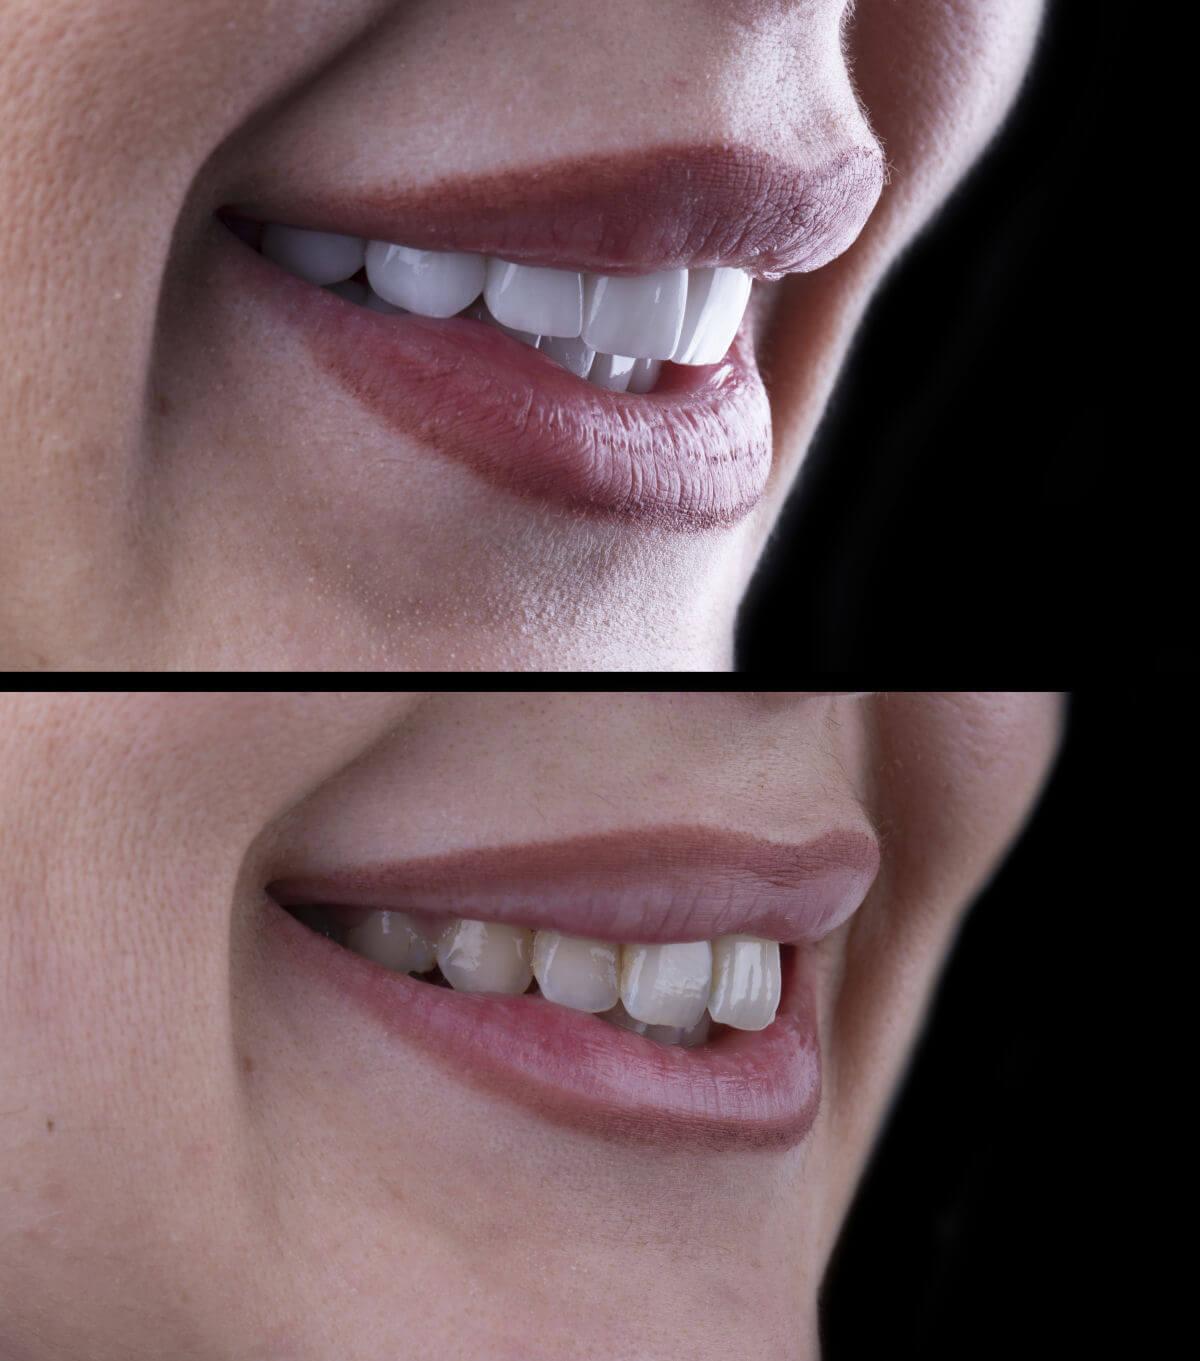 Applicare le veneers per correggere i denti storti